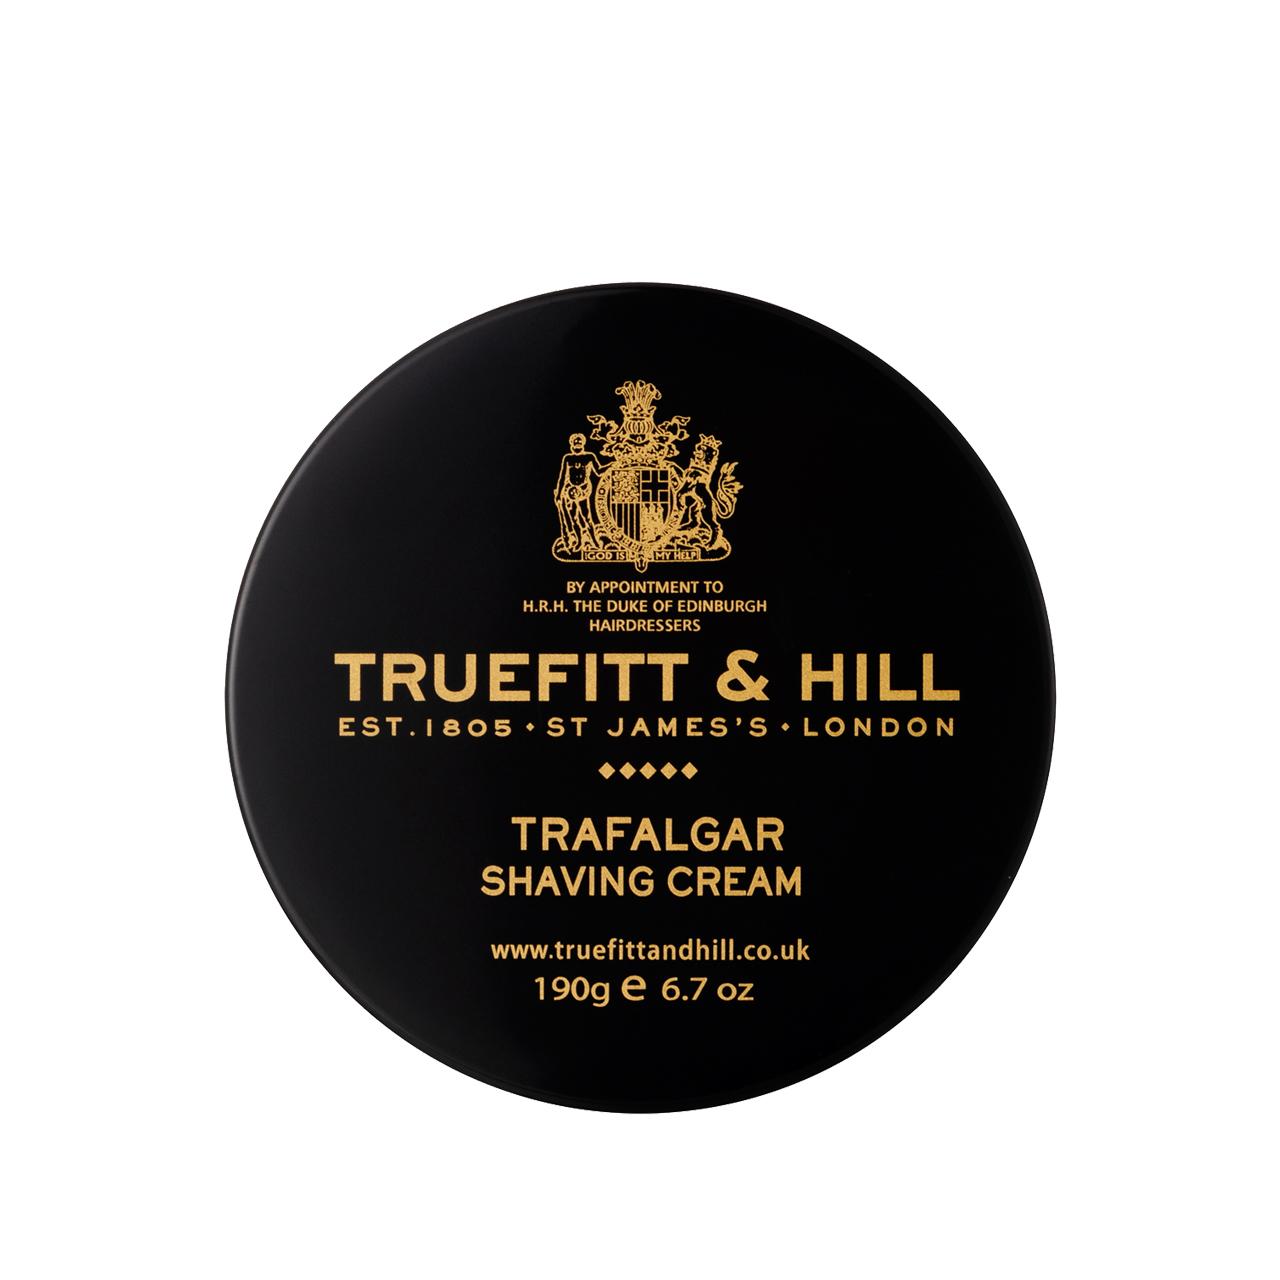 Trafalgar - Shaving Cream Bowl